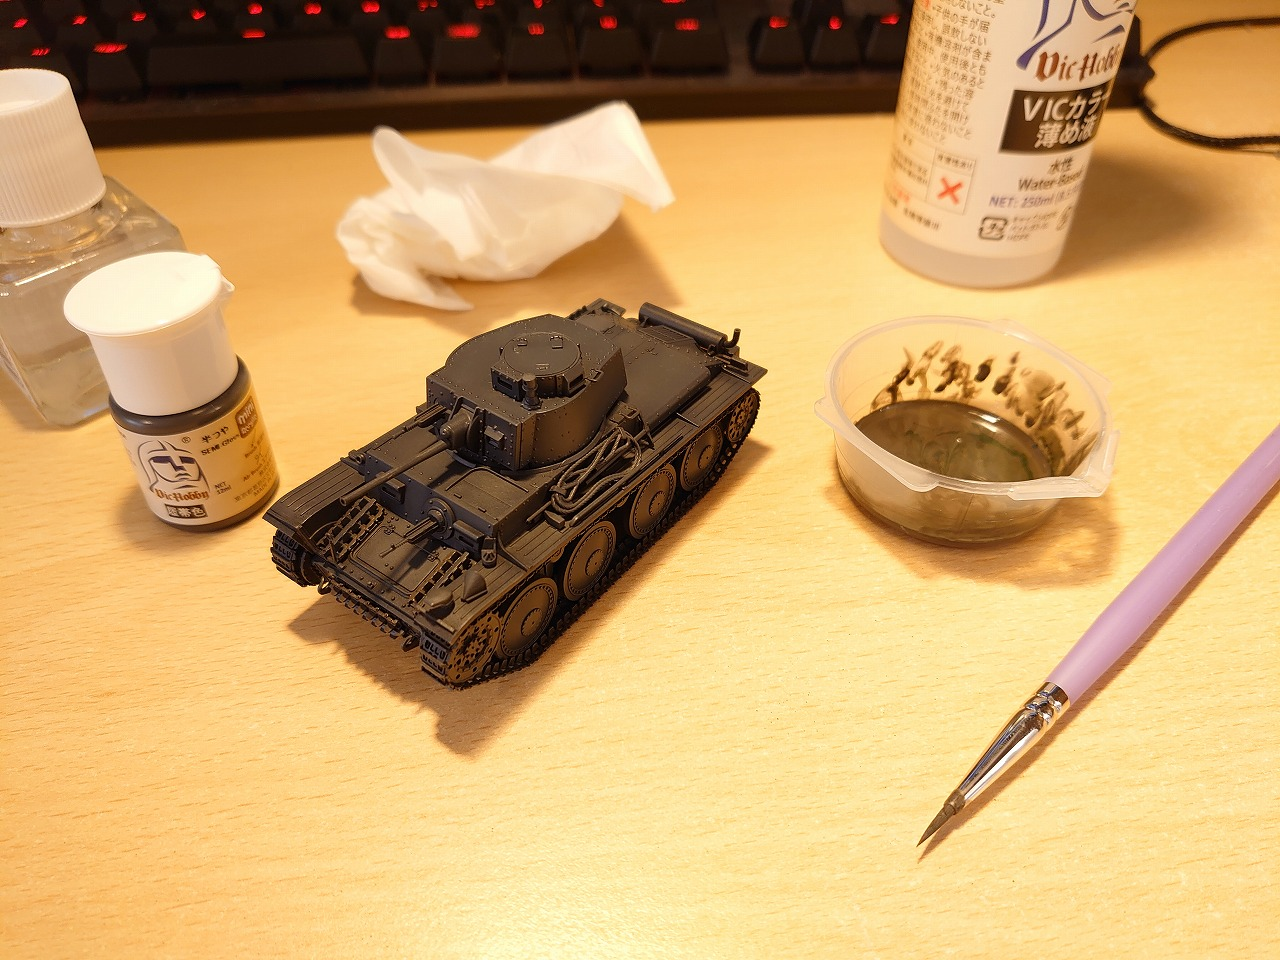 【無臭の塗料】Vicカラーで戦車のプラモデルを塗装してみた